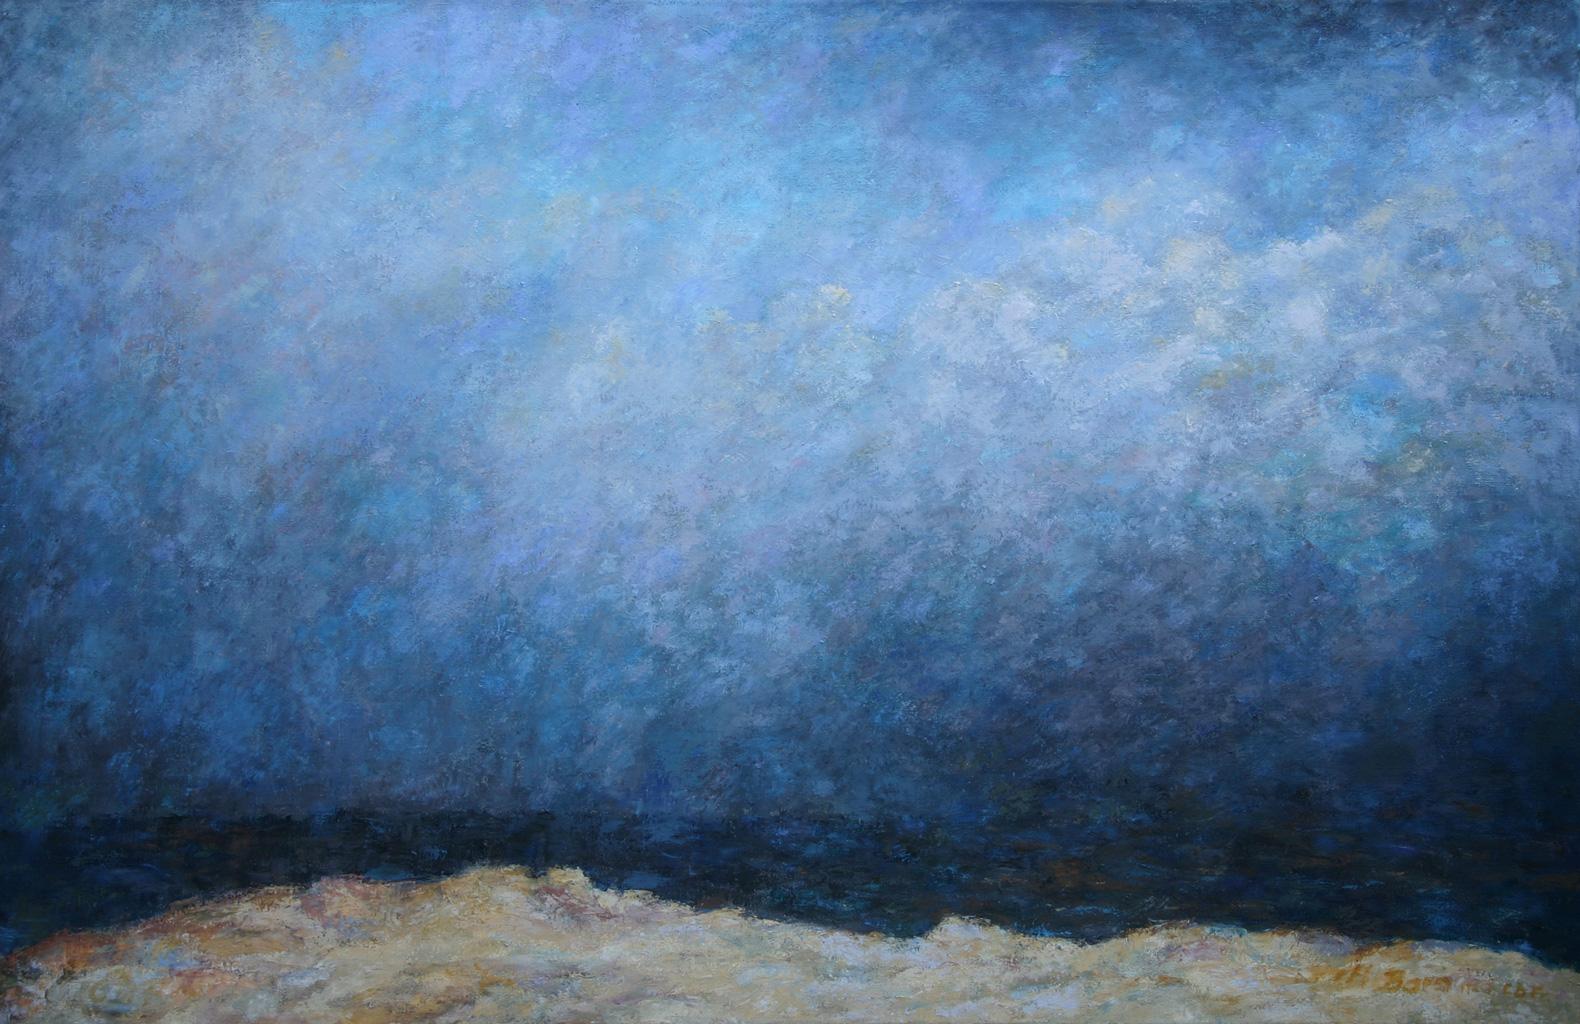 Mönch am Meer, Öl auf Leinwand, 90 x 140 cm, 1992